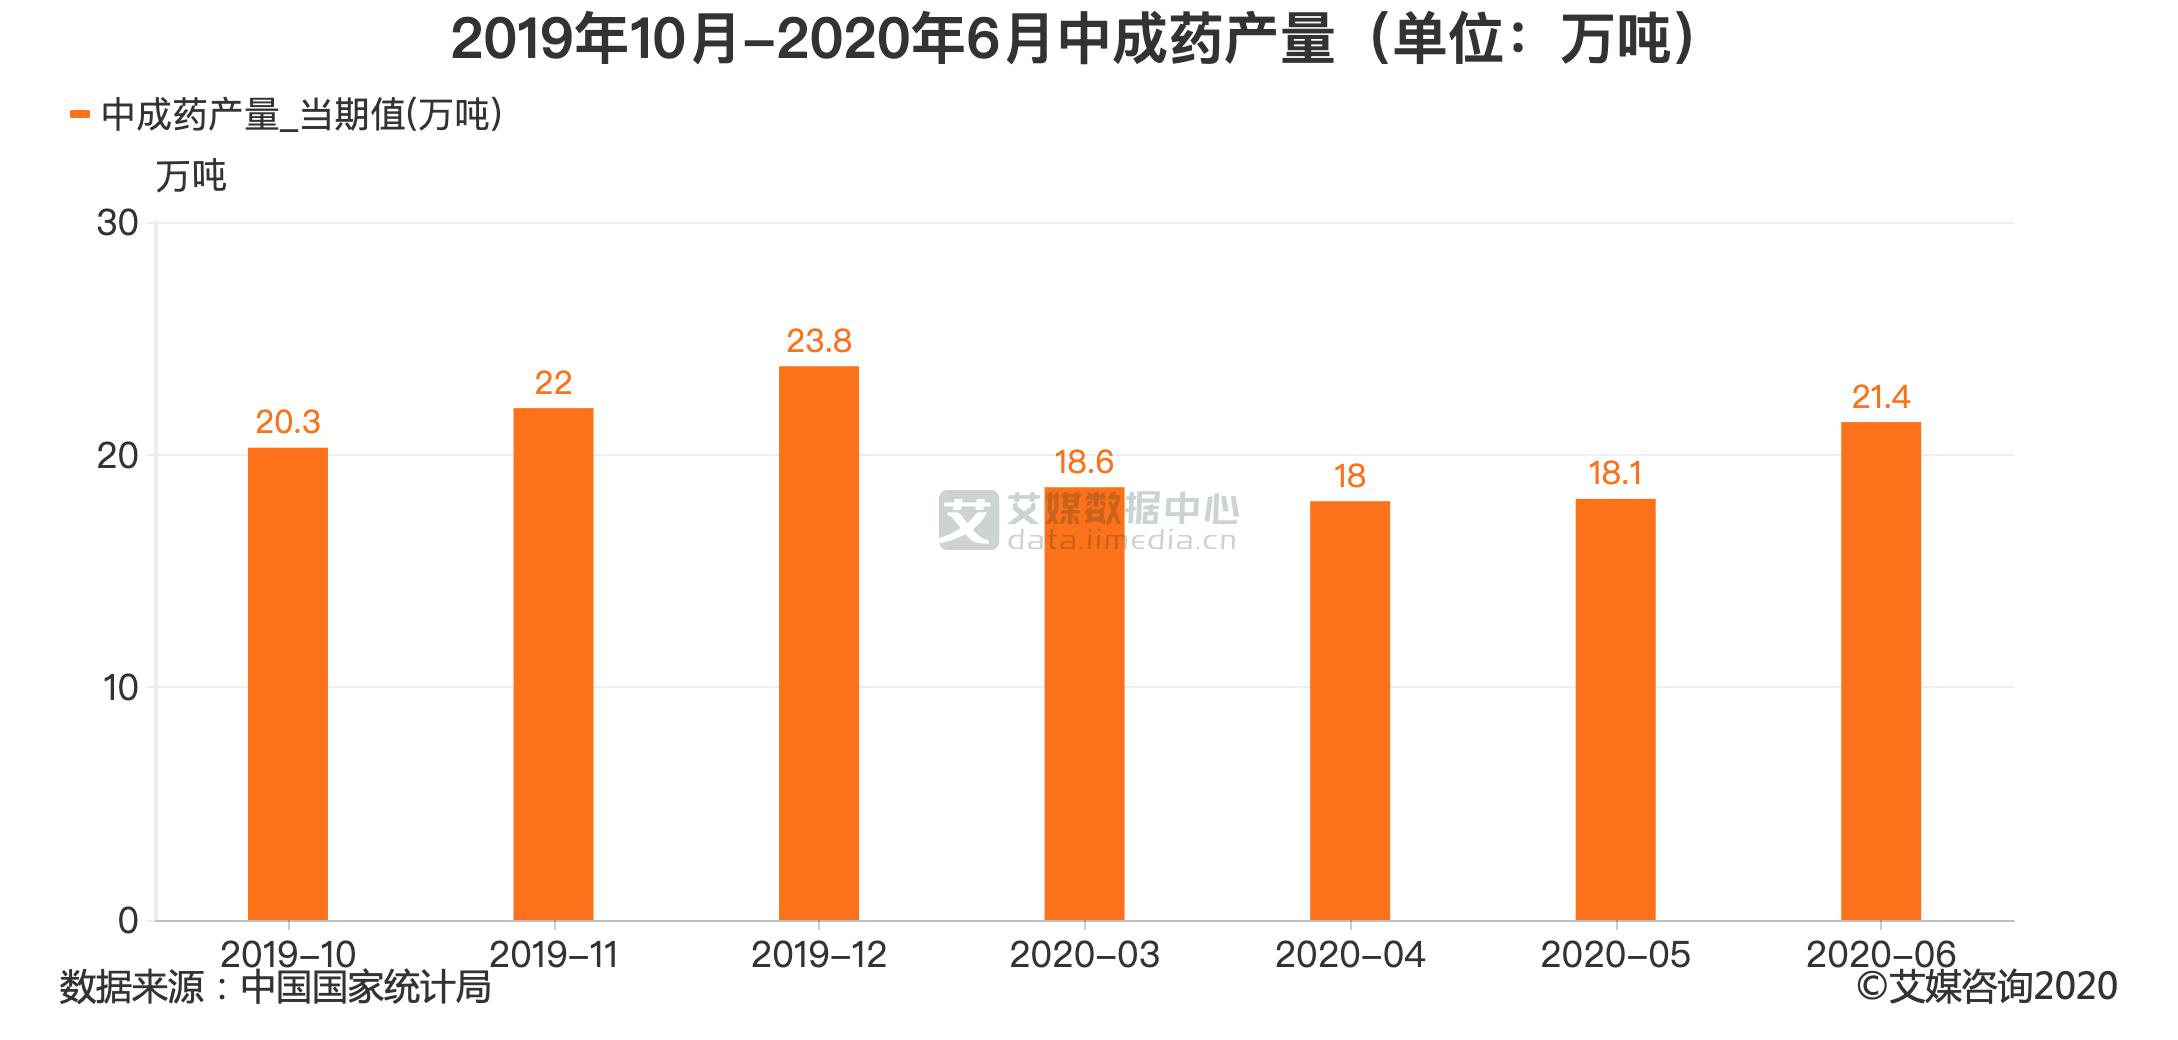 2019年10月-2020年6月中成药产量(单位:万吨)